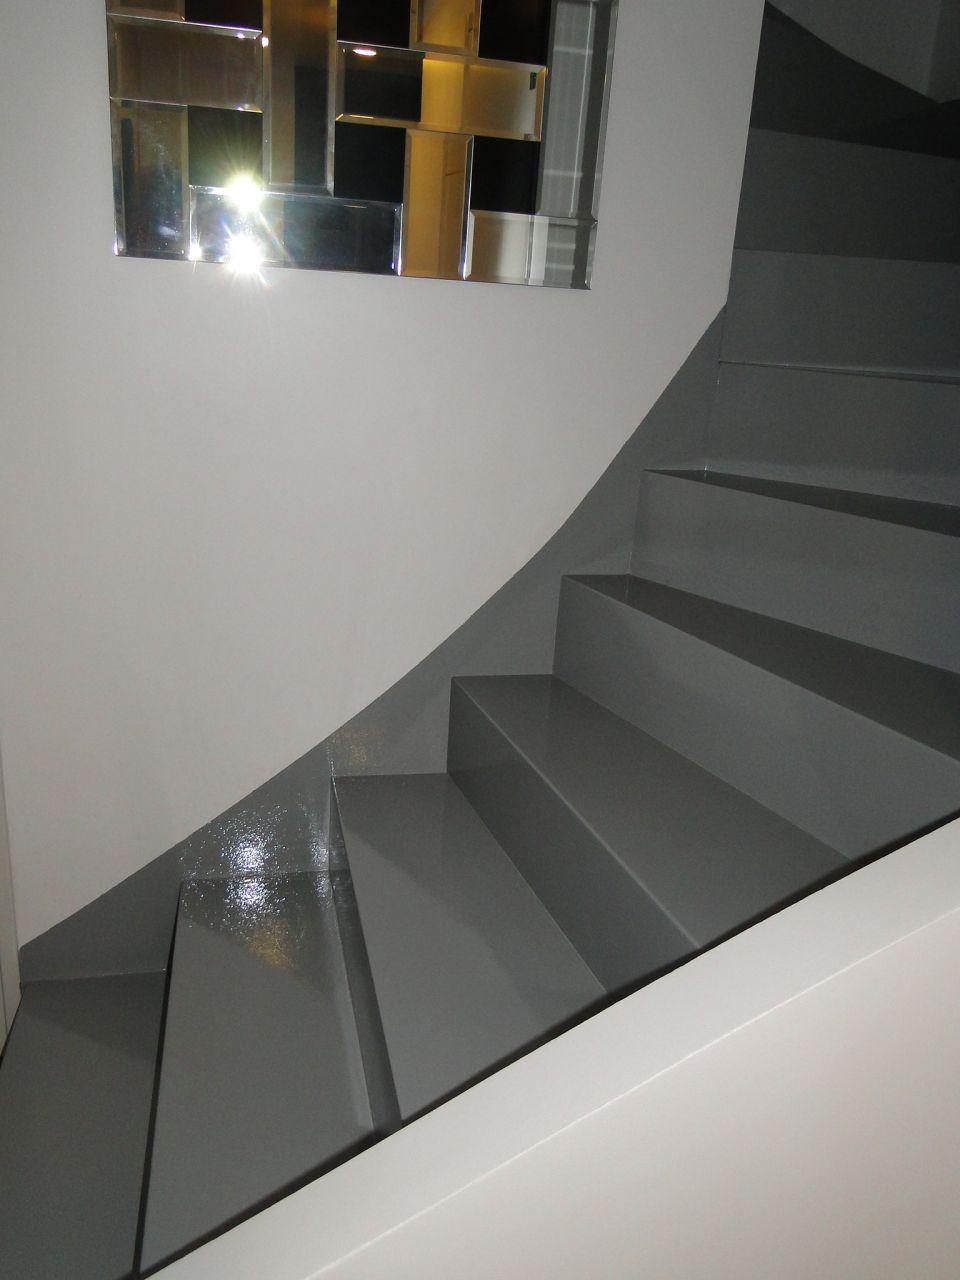 escalier finition r sine brillante fini leguevin haute garonne. Black Bedroom Furniture Sets. Home Design Ideas